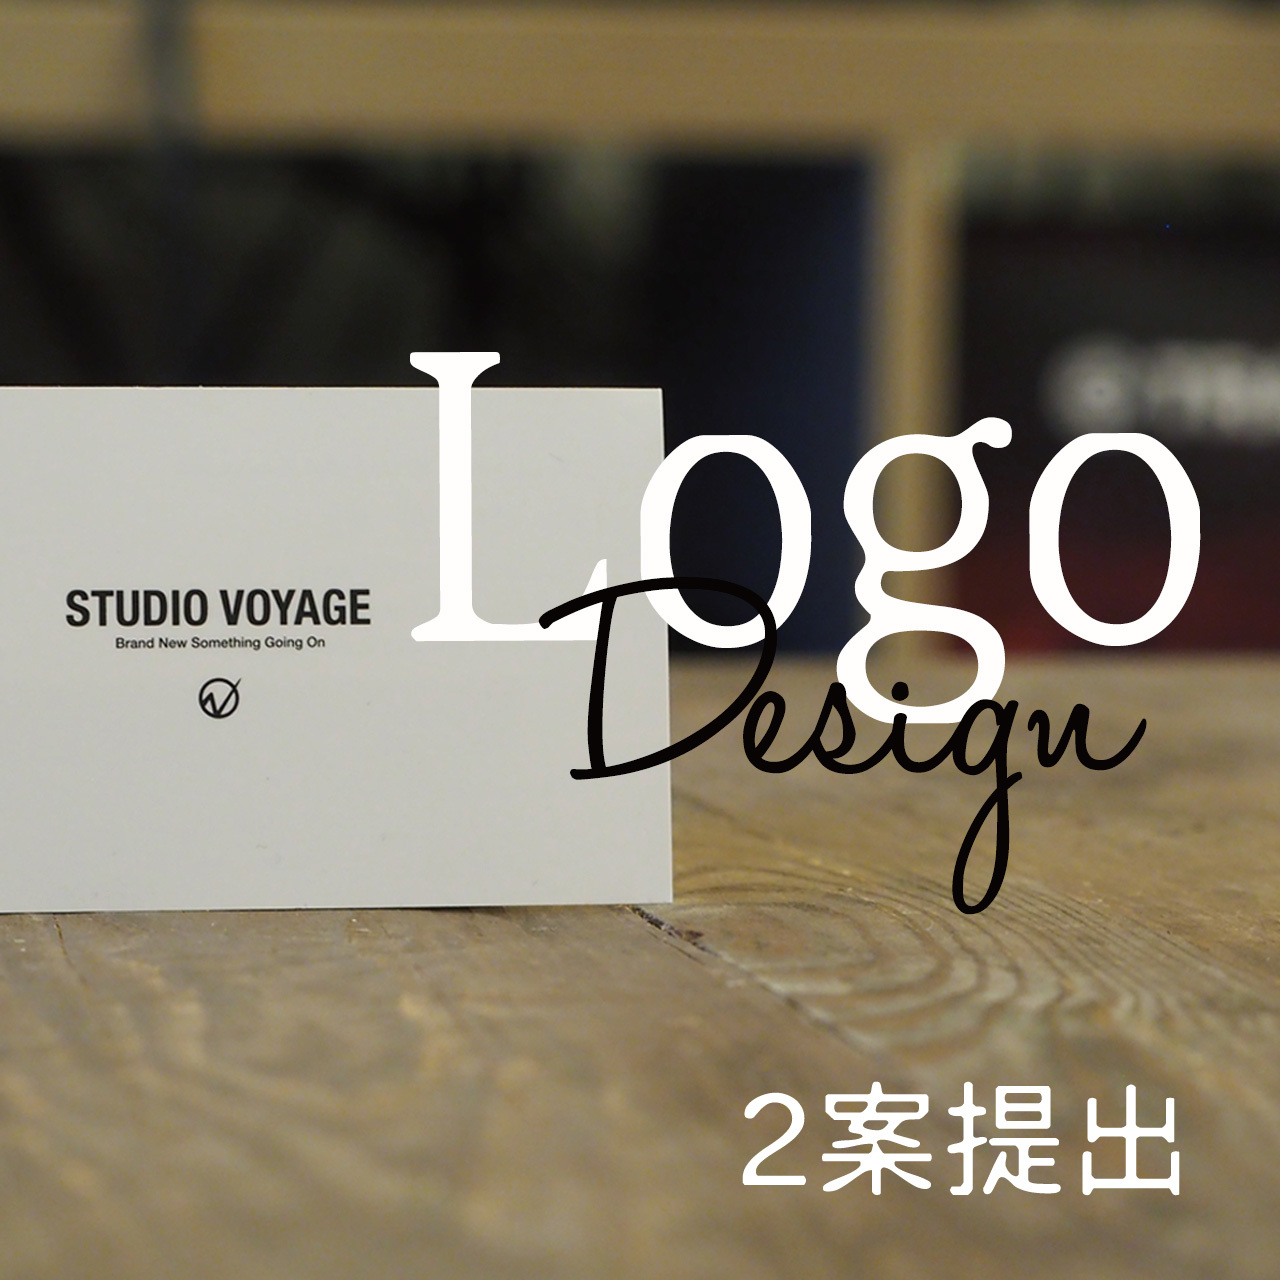 オリジナルロゴデザイン/2案【国内外実績多数】